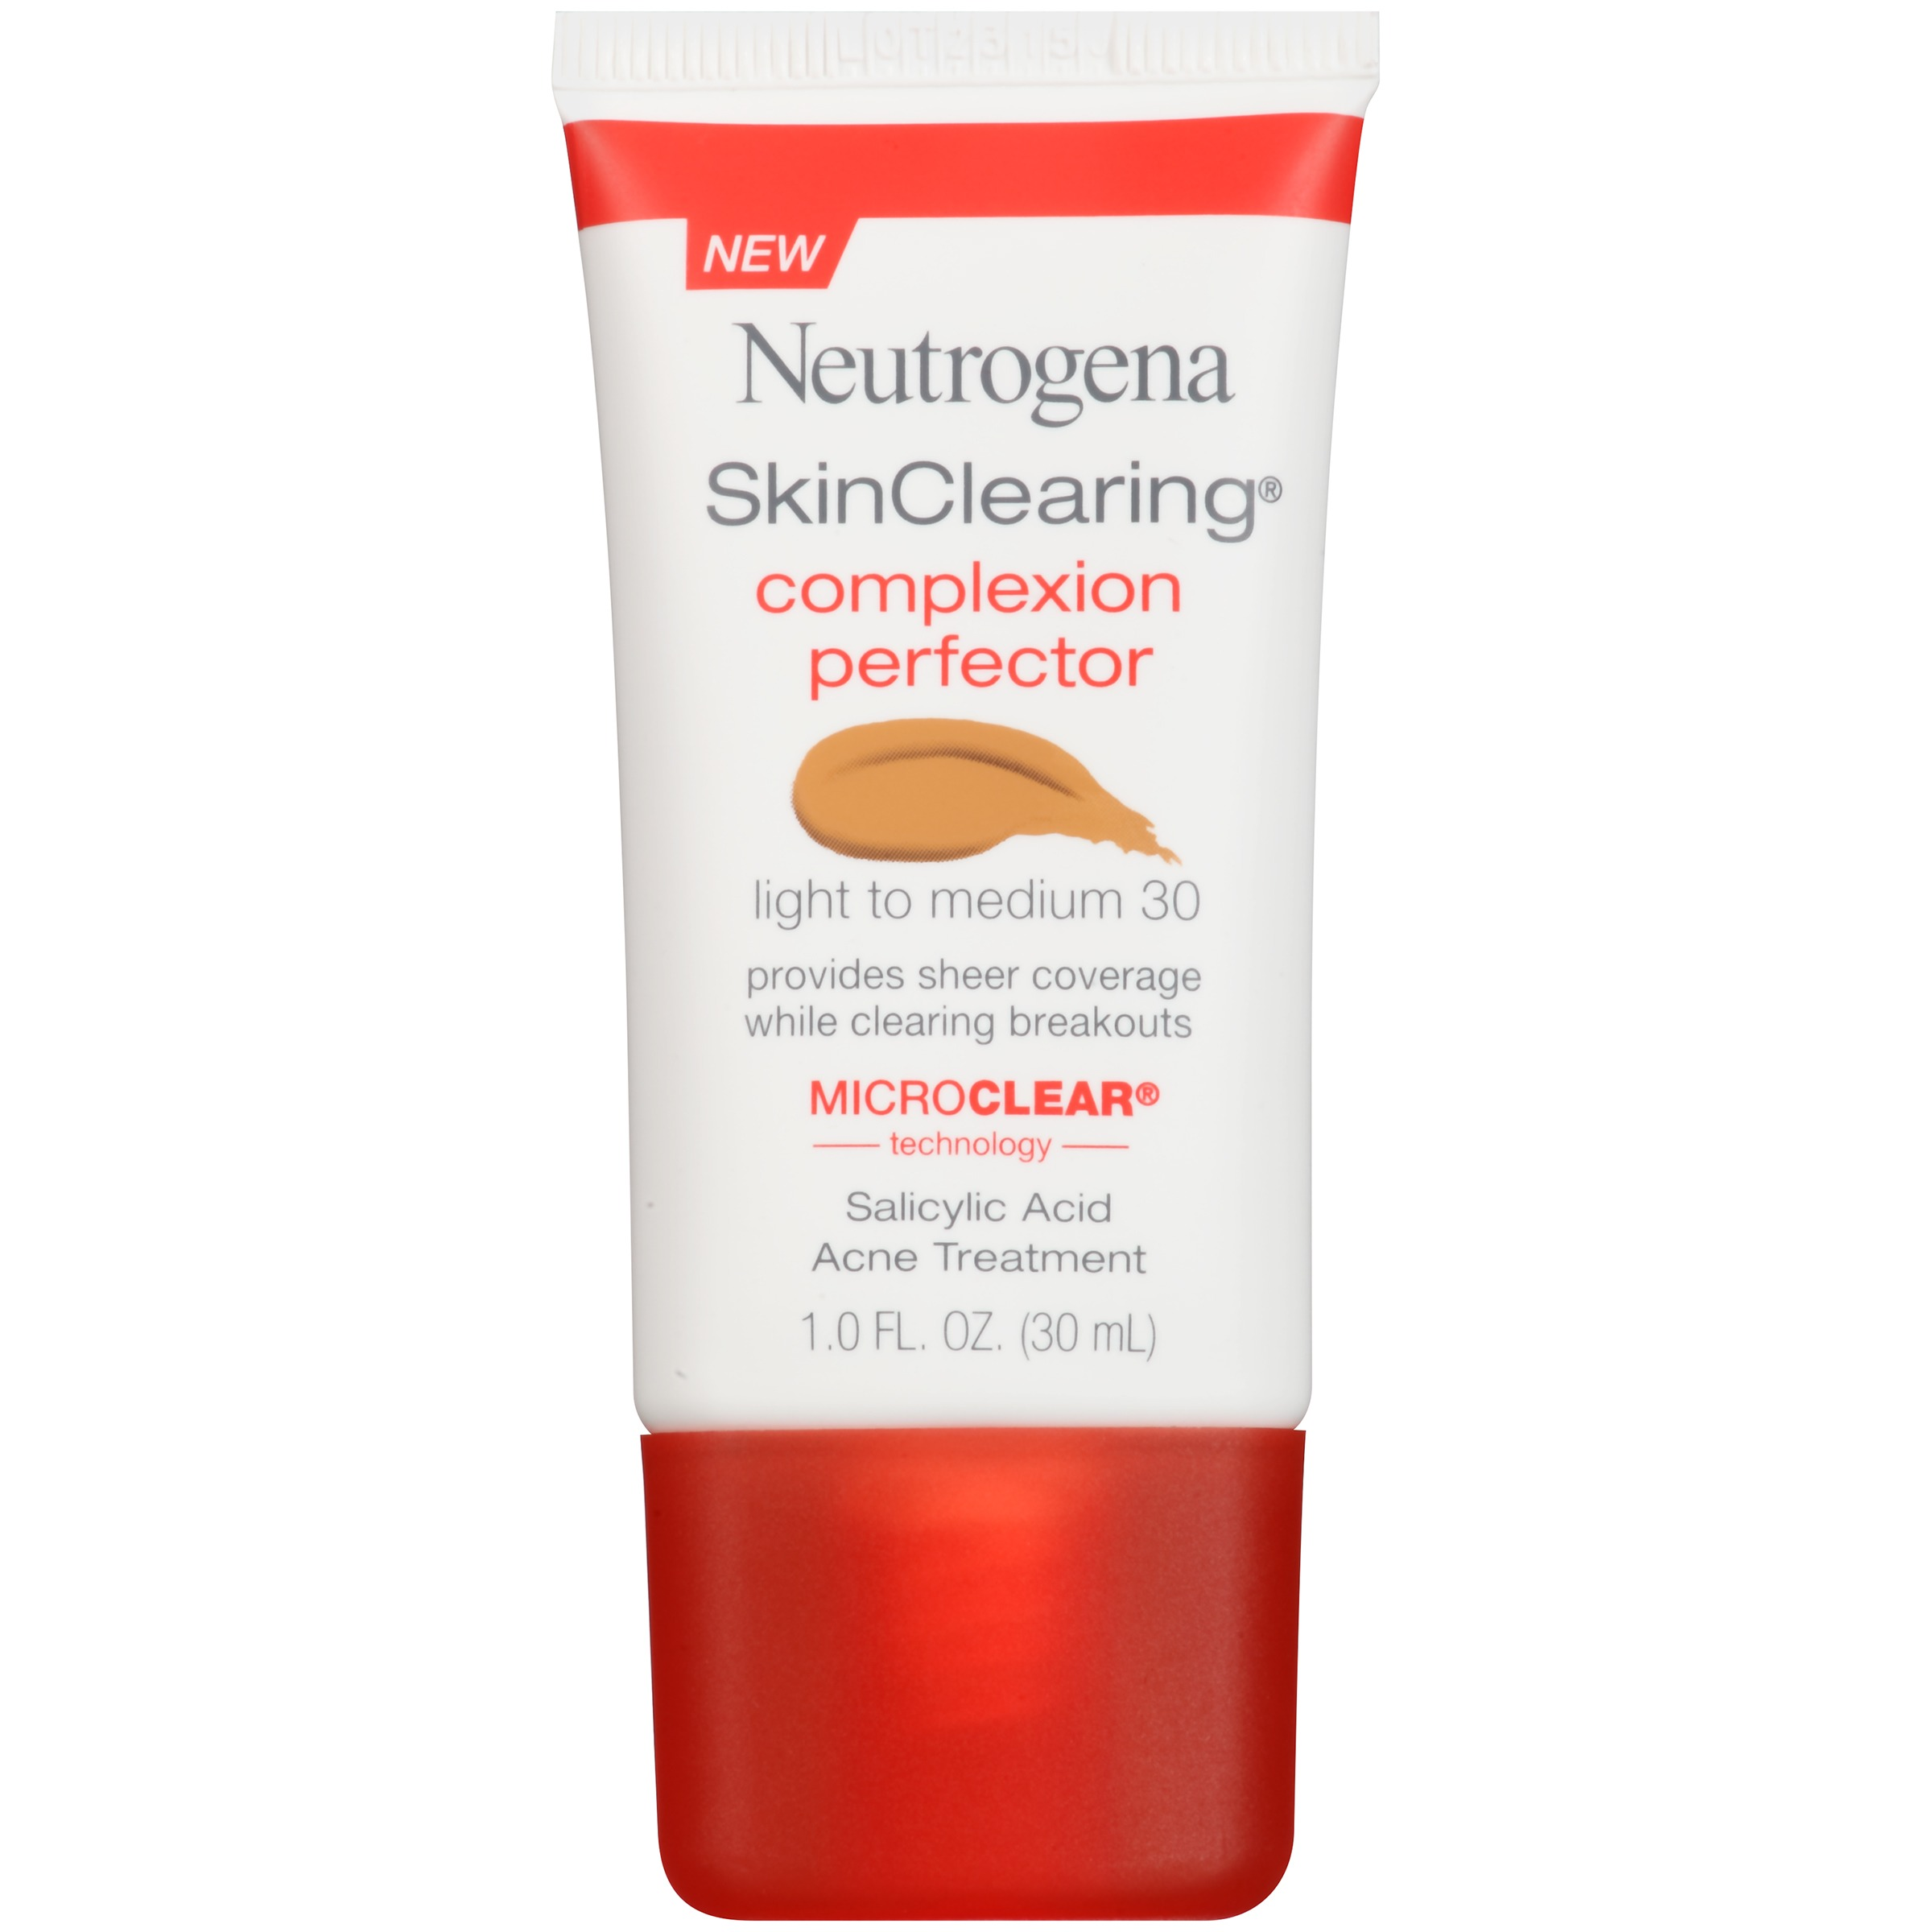 Maquillaje Para Ojos Perfeccionador de tez Neutrogena Skinclearing, luz - medio, 1 FL. Oz + Neutrogena en Veo y Compro